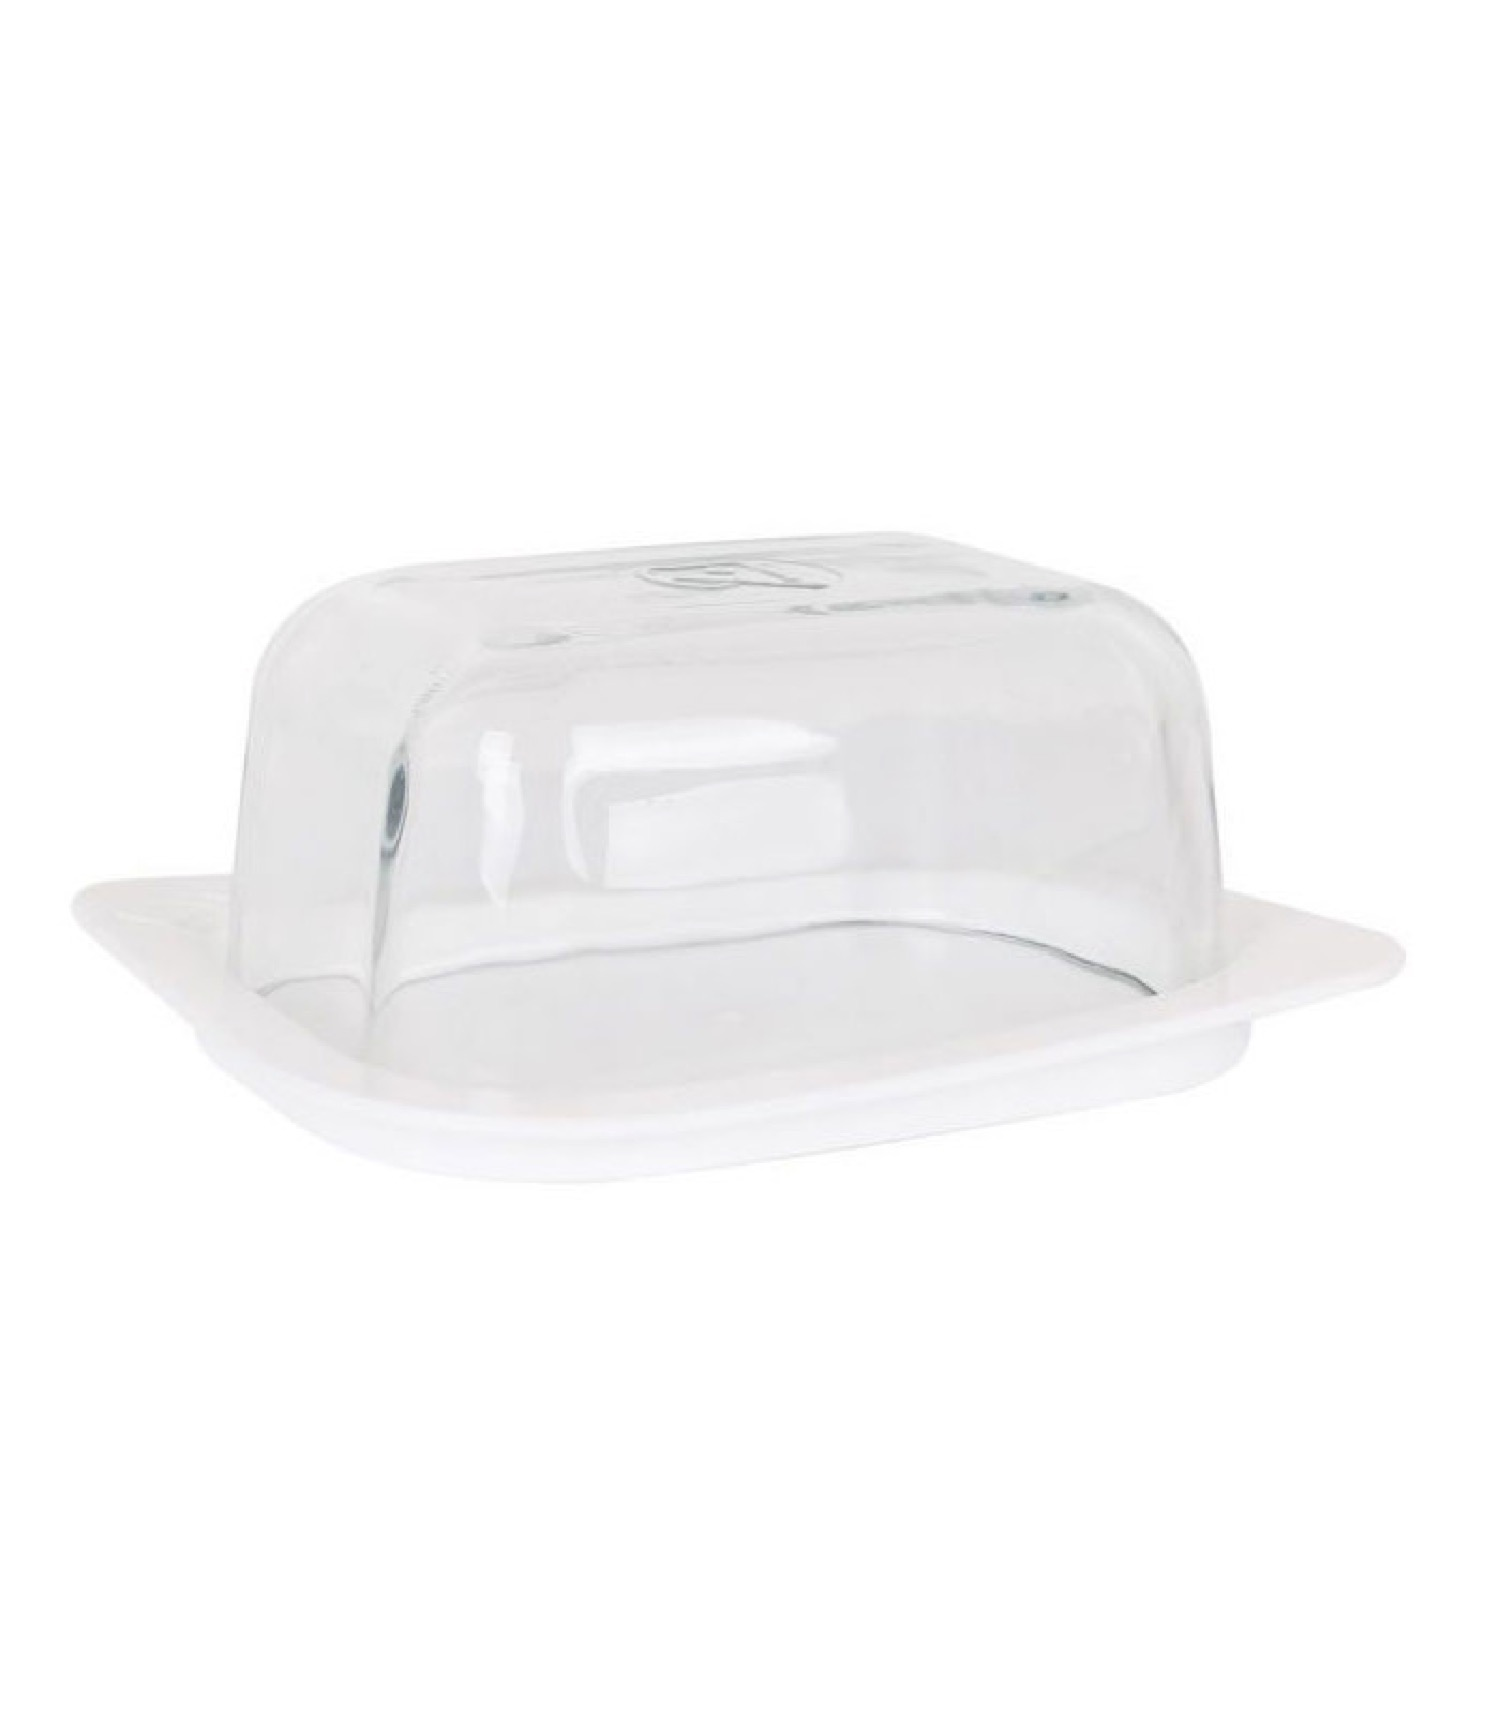 Beurrier en verre et base plastique blanche